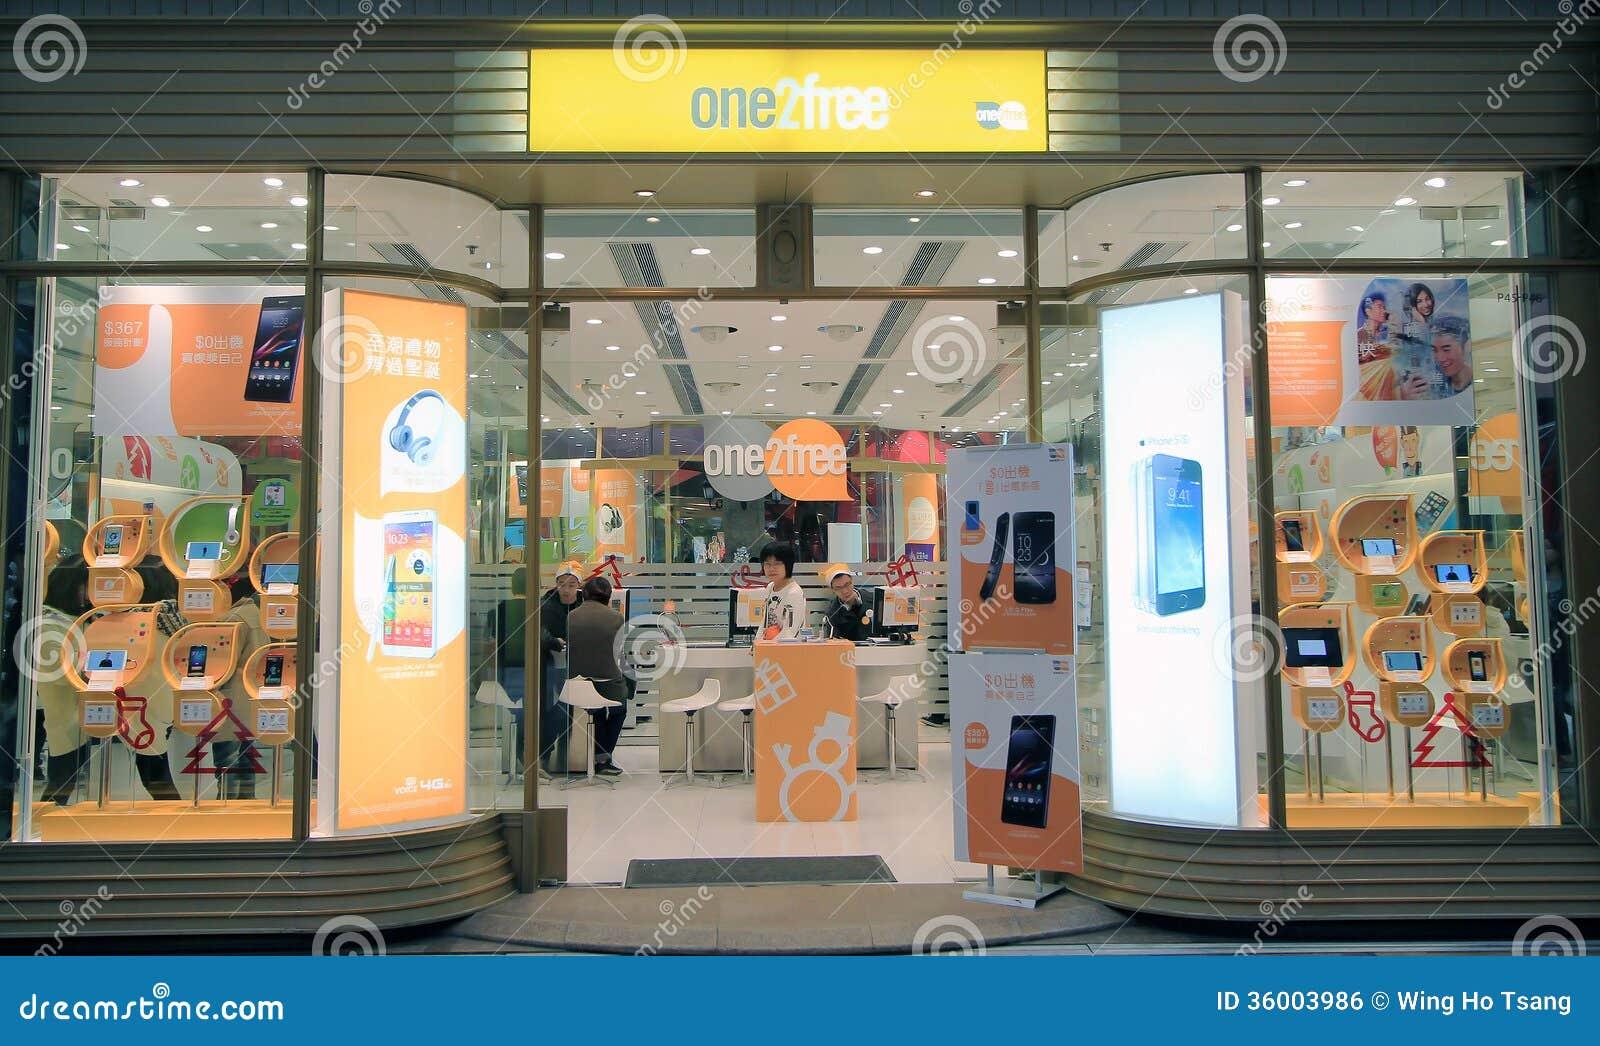 One2free κατάστημα στο Χονγκ Κονγκ